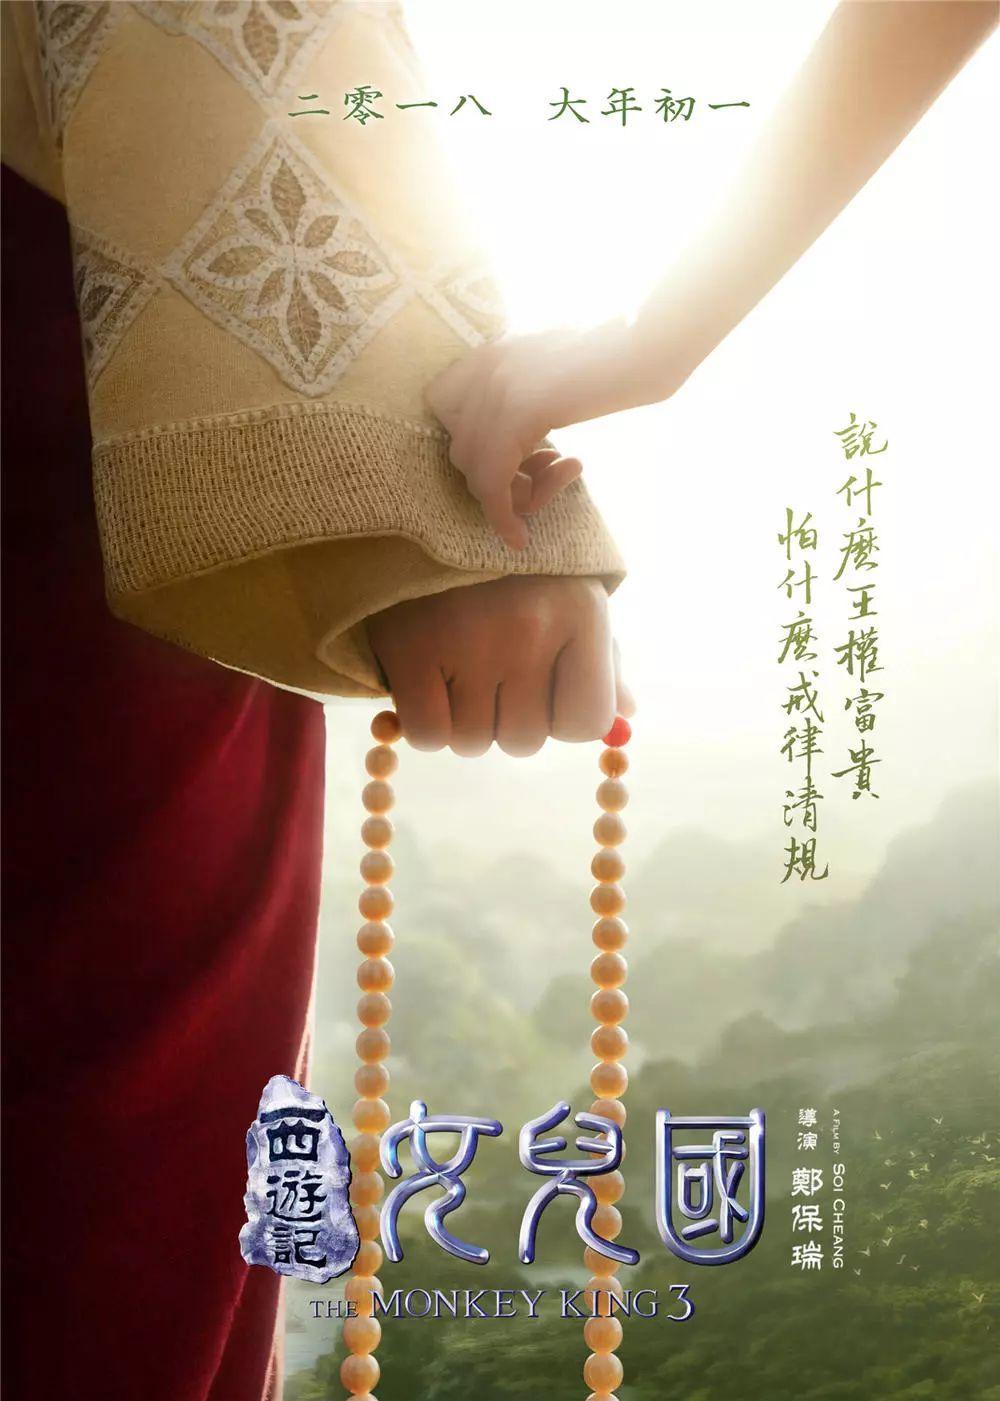 西游记之女儿国 女儿情,悄悄问圣僧女儿美不美